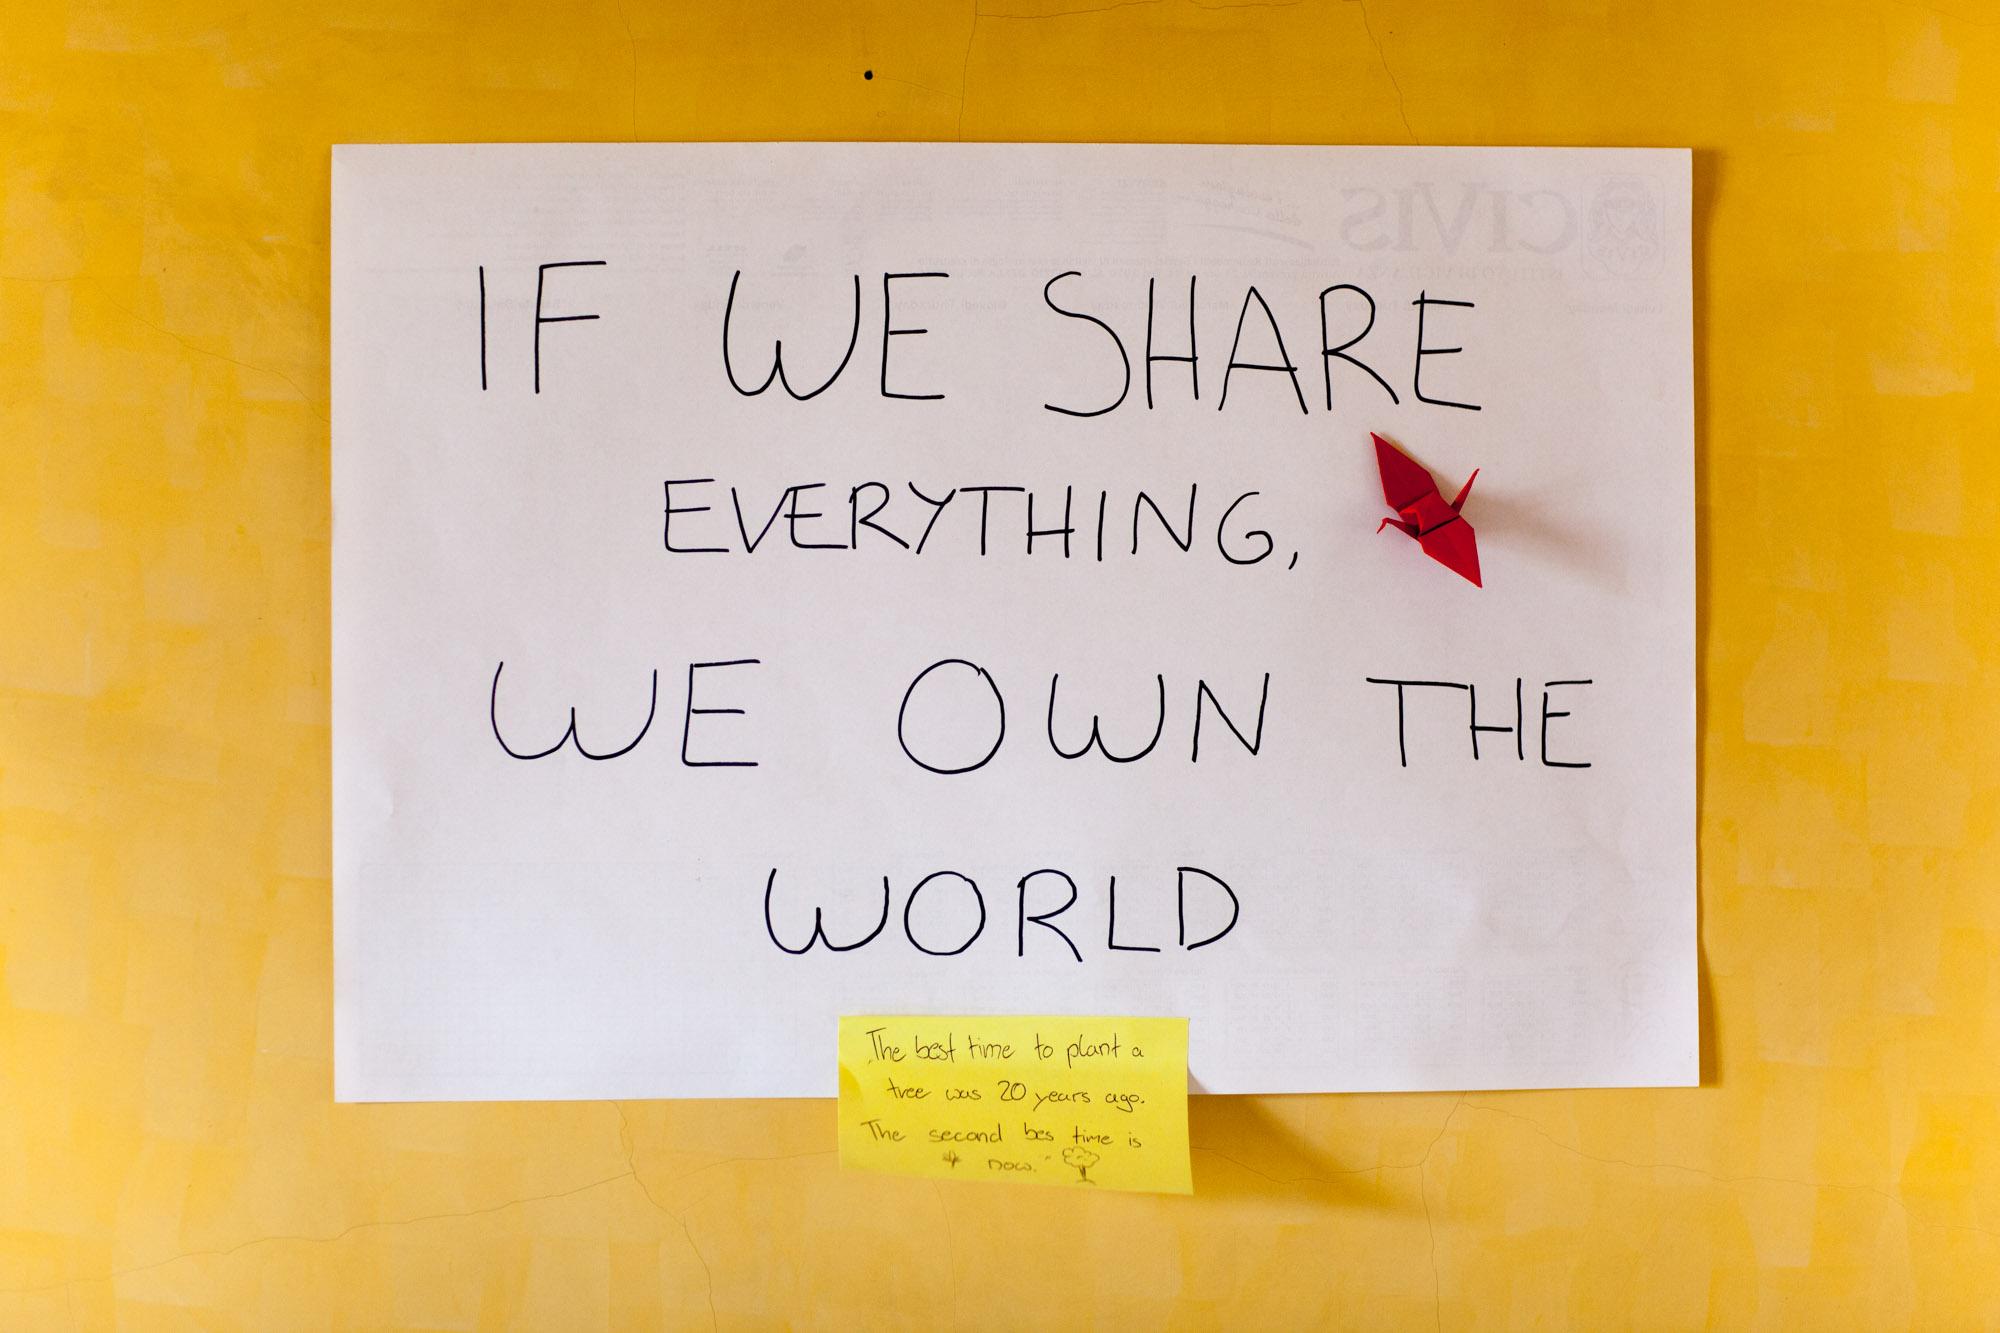 Se condividiamo tutto, siamo padroni del mondo